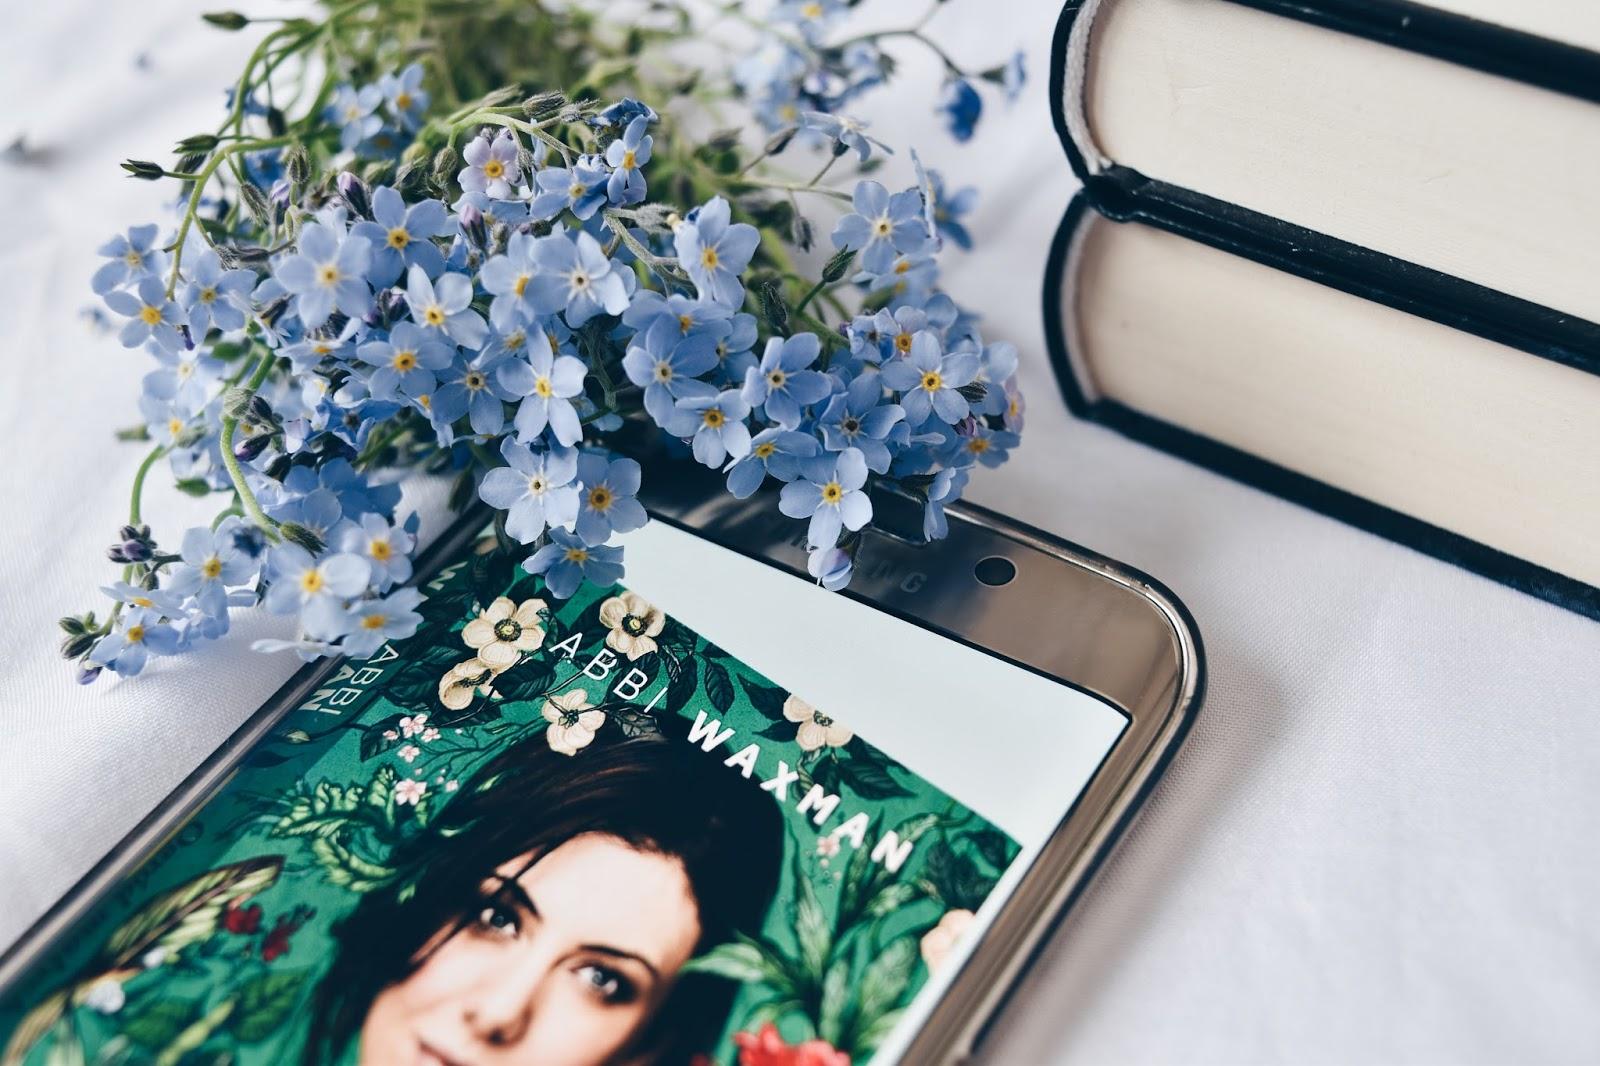 przedpremierowo, Ogród małych kroków, recenzja, Abbi Waxman, książka, ebook, telefon, kwiaty, instagram, bookstagram